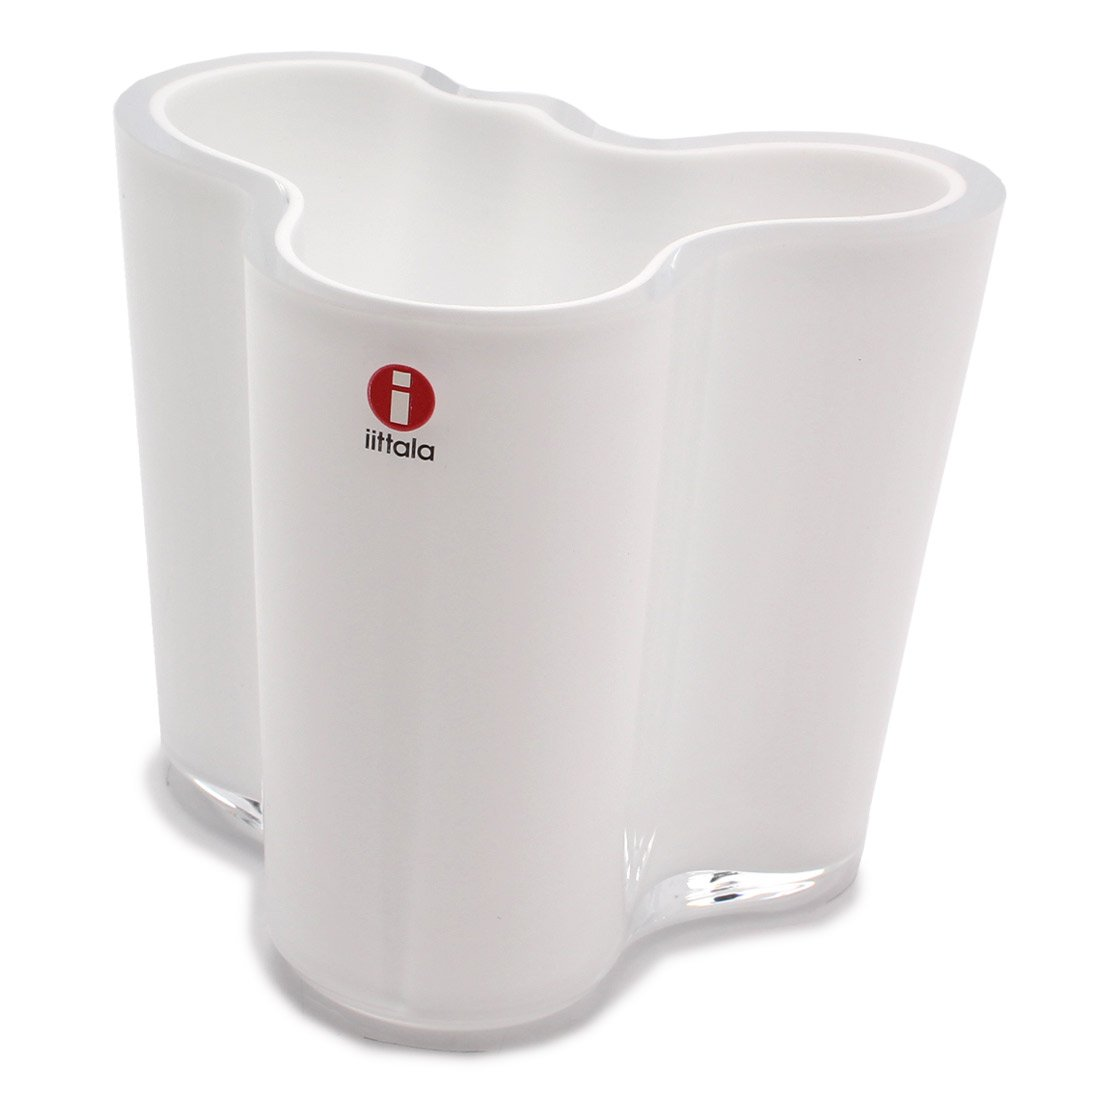 (イッタラ)IITTALA アルヴァアアルト フラワーベース 95mm 花瓶 03.ホワイト [並行輸入品] B01HGB1O5U フリー|03.ホワイト 03.ホワイト フリー